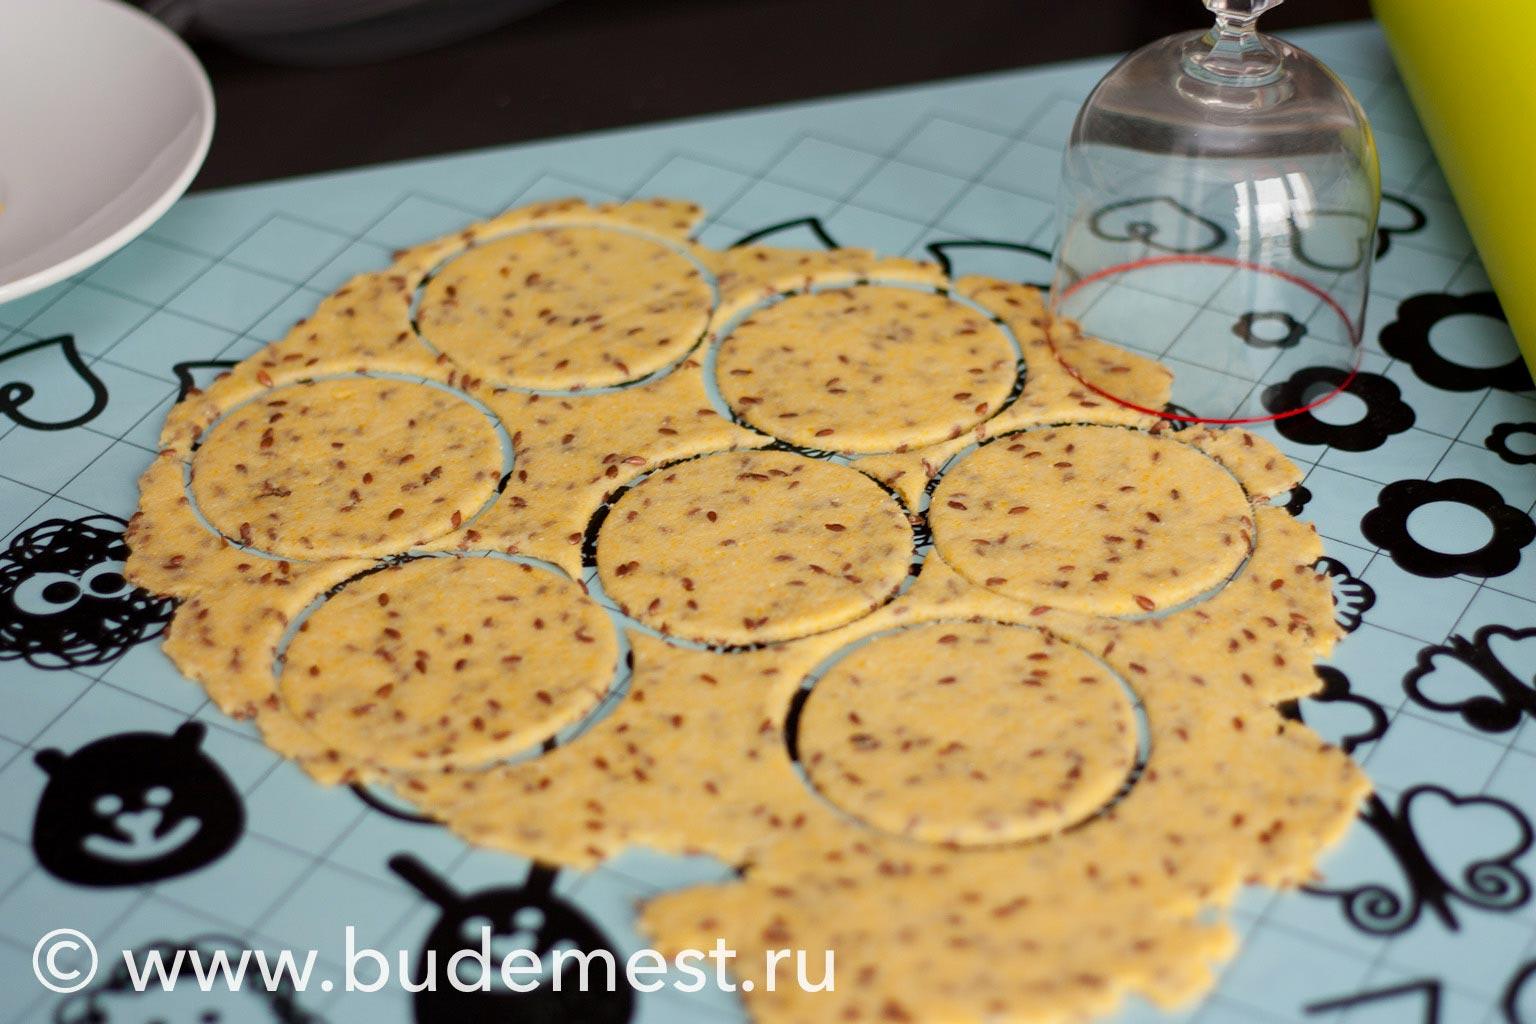 Раскатайте тесто в пласт толщиной 3-4 мм и вырежьте с помощью стакана тарталетки